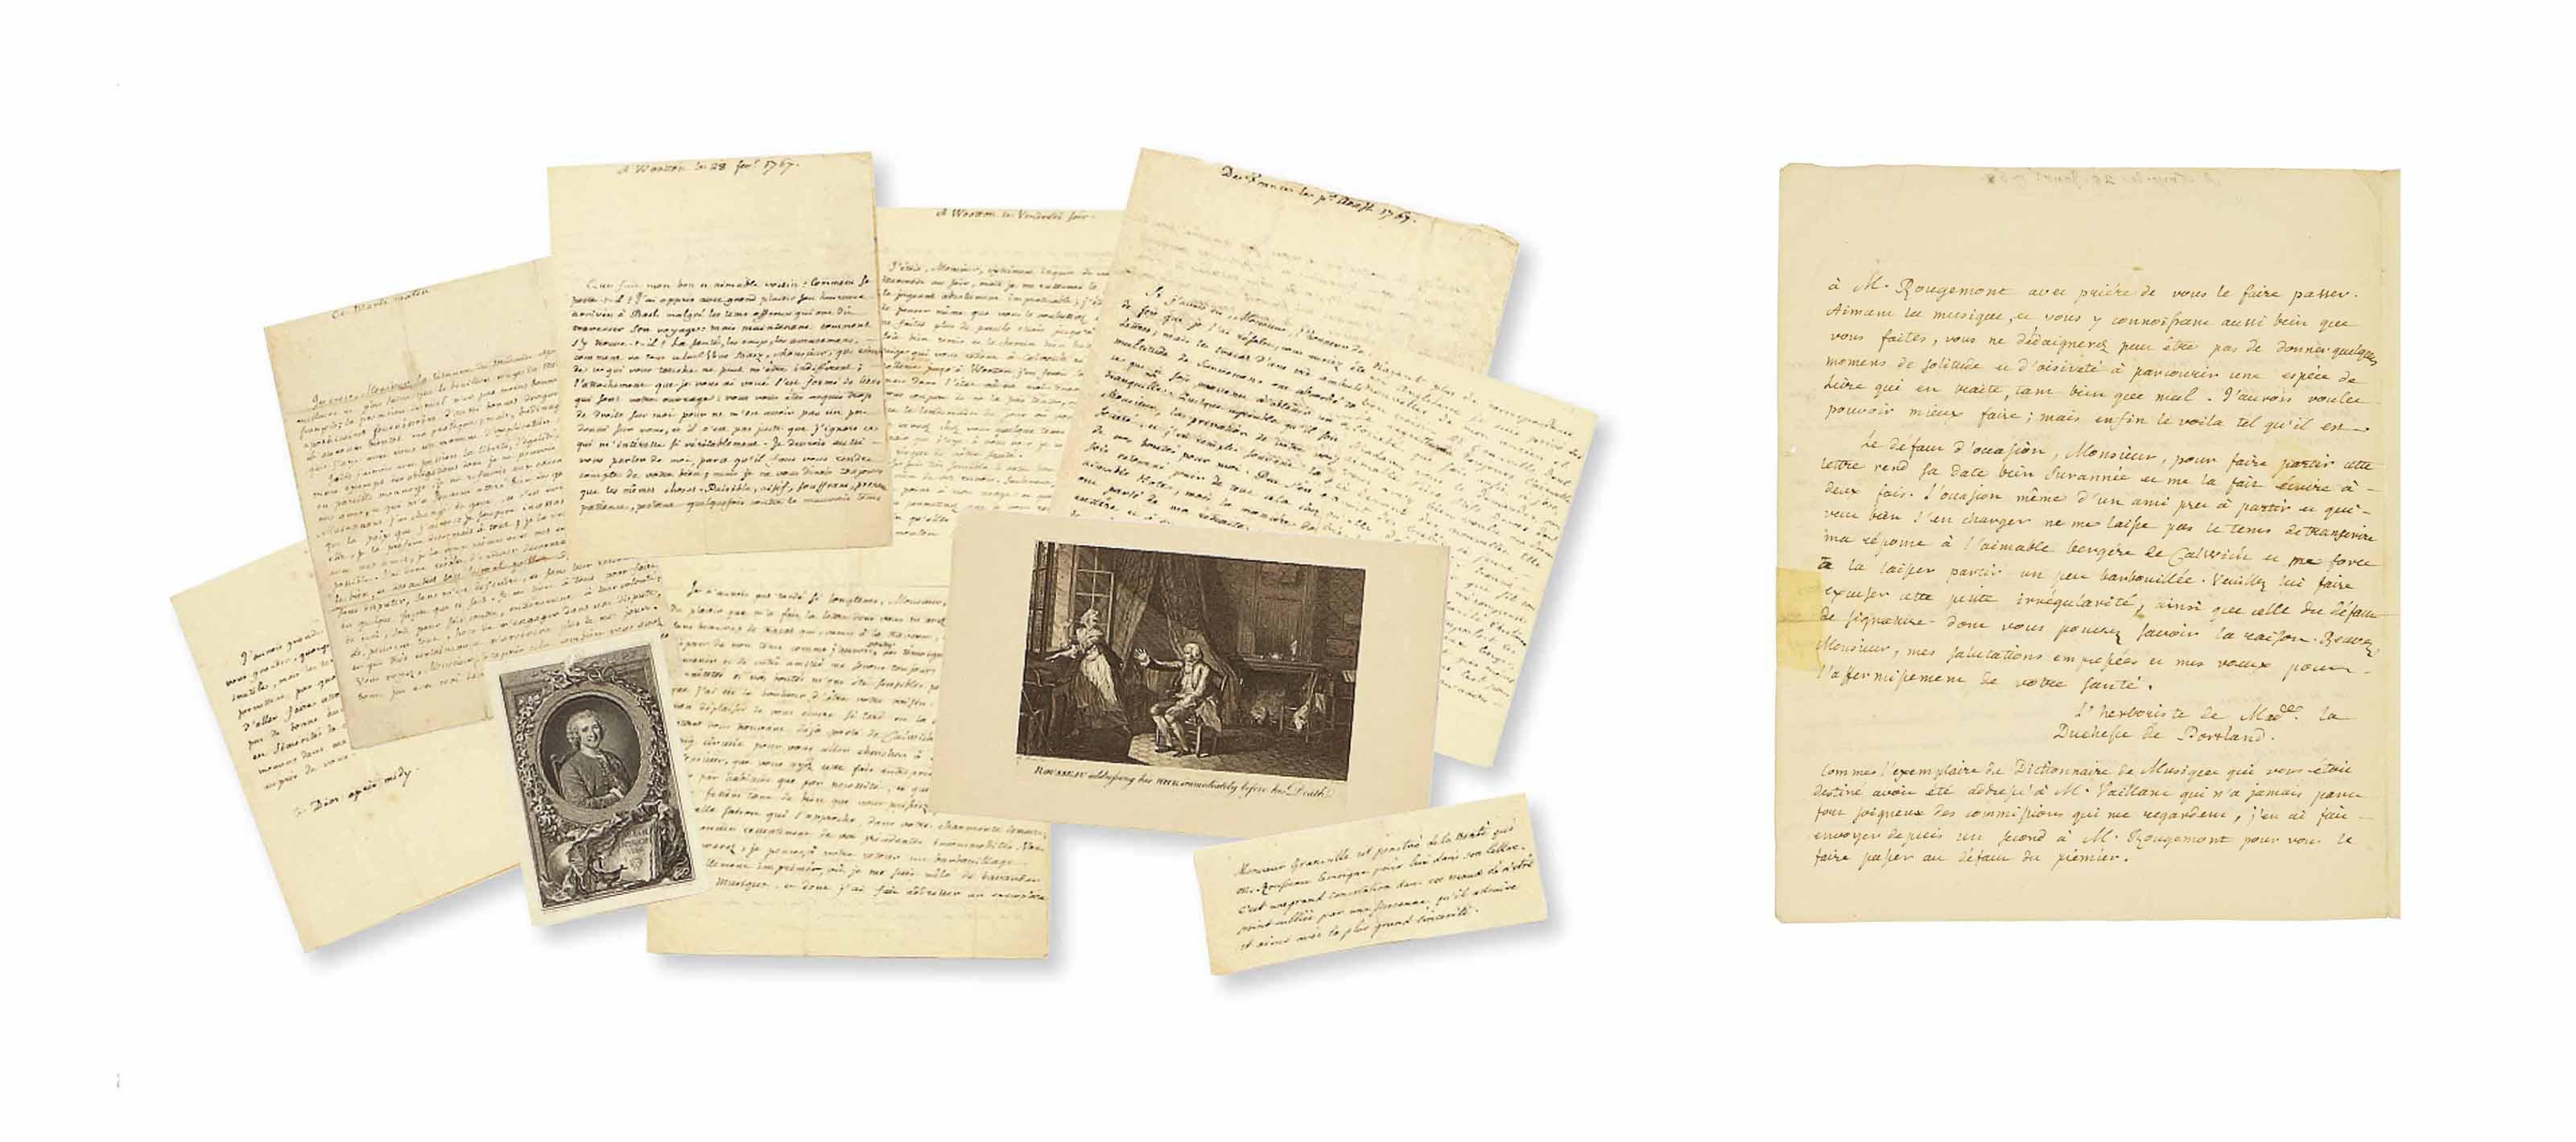 """ROUSSEAU, Jean-Jacques (1712-1778). Réunion de 14 lettres autographes (dont un fragment), la plupart signées """"JJ Rousseau"""" ou """"JJR"""". dont 12 adressées à Bernard Granville et datant principalement de son séjour en Angleterre (janvier 1766-mai 1767)."""